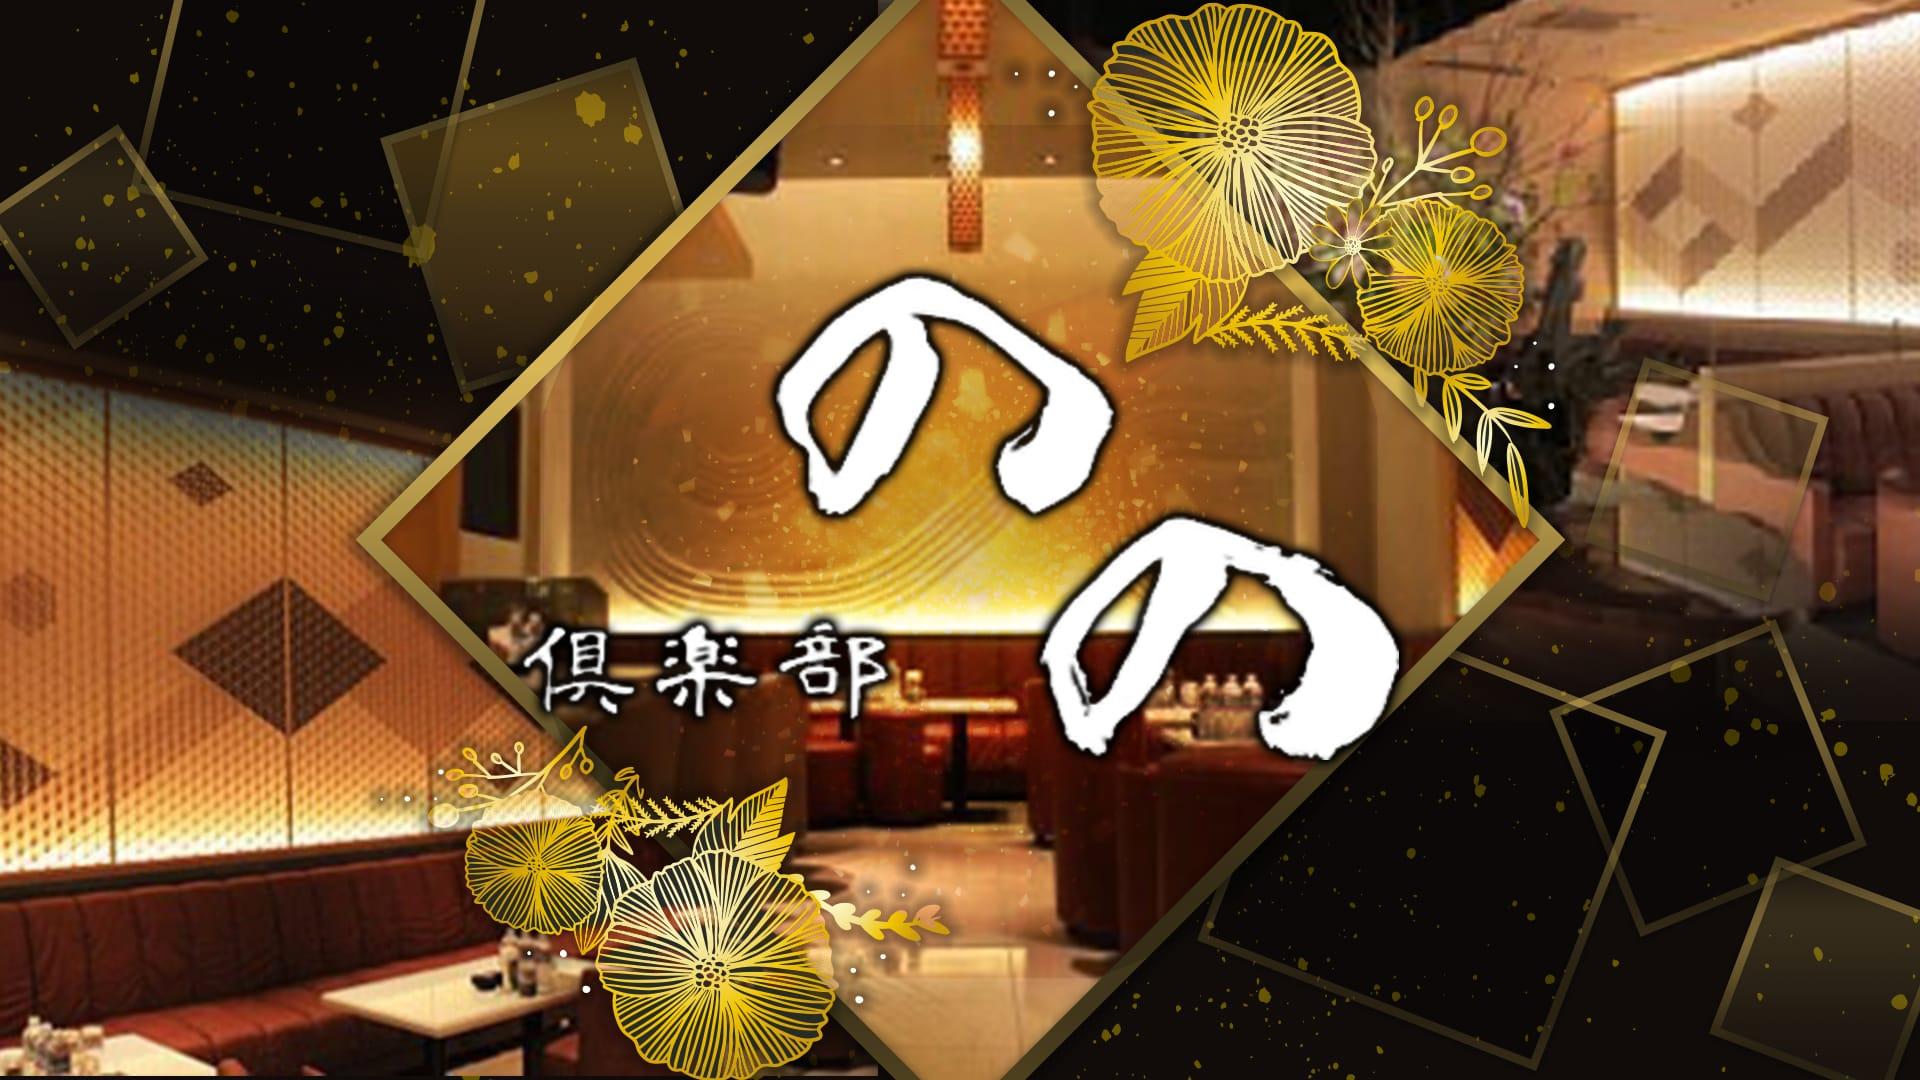 倶楽部 のの 中洲クラブ TOP画像